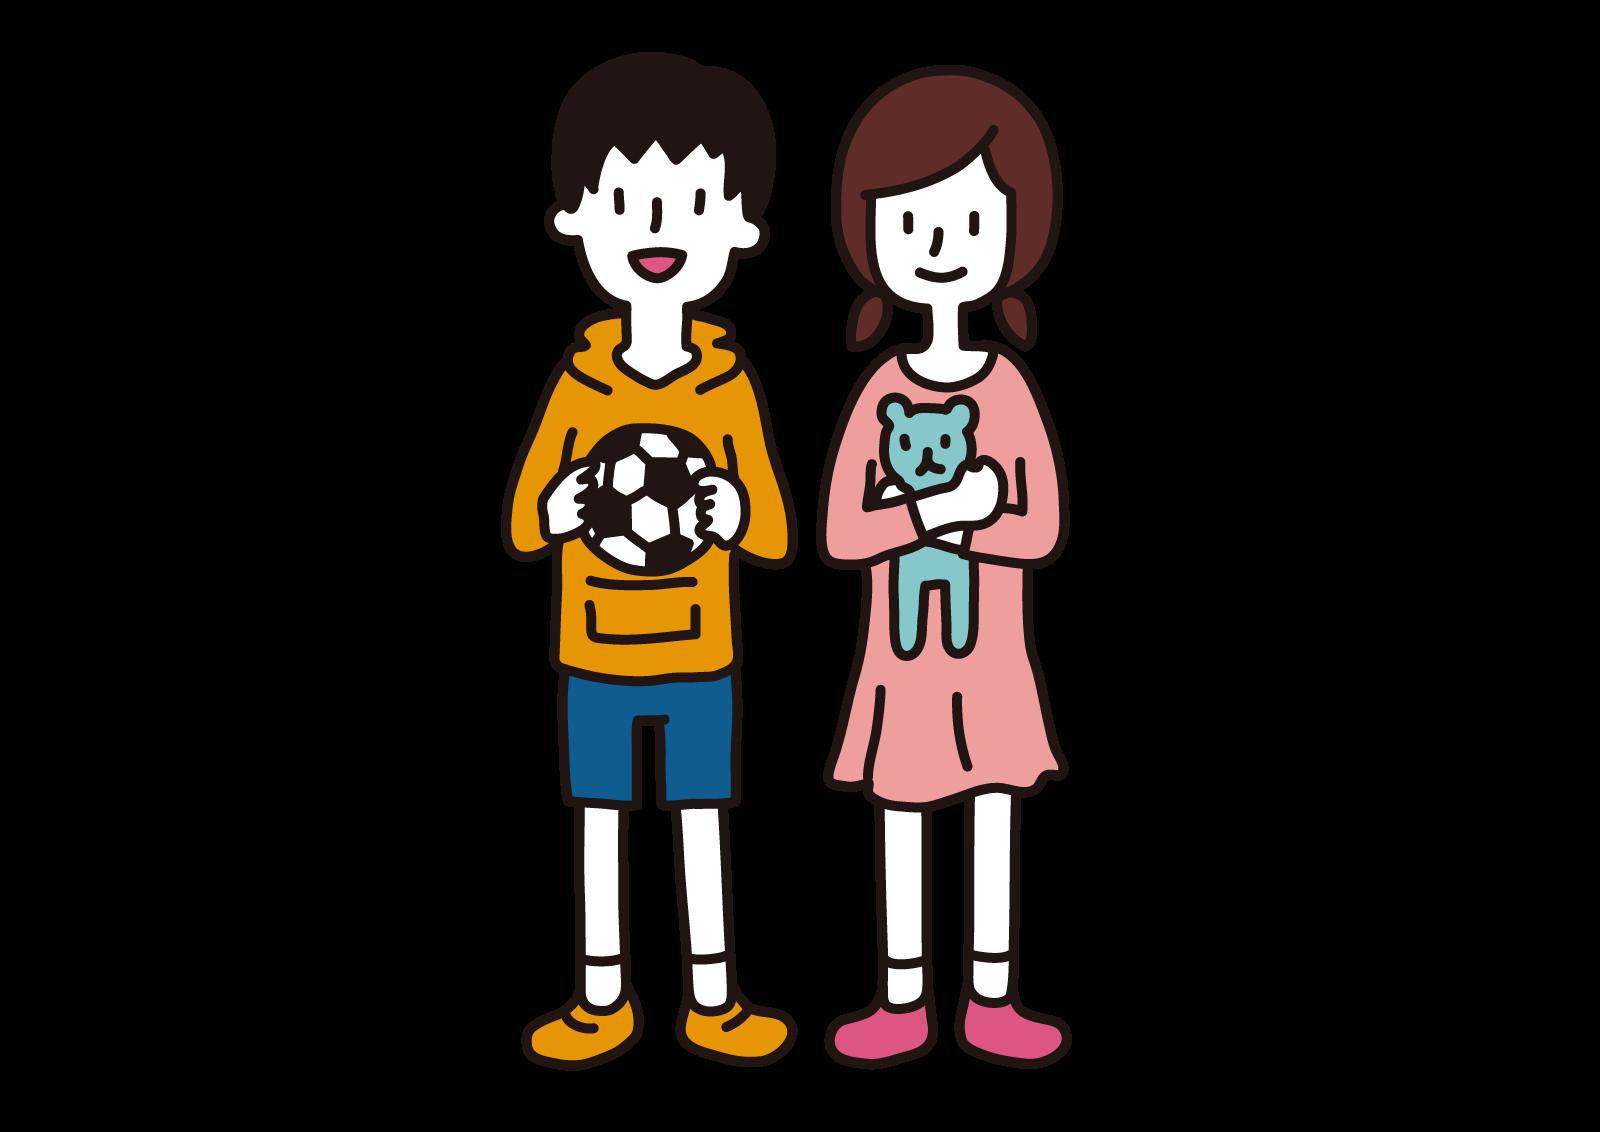 小学生の子ども私服 無料で使えるフリーイラストwebサイト